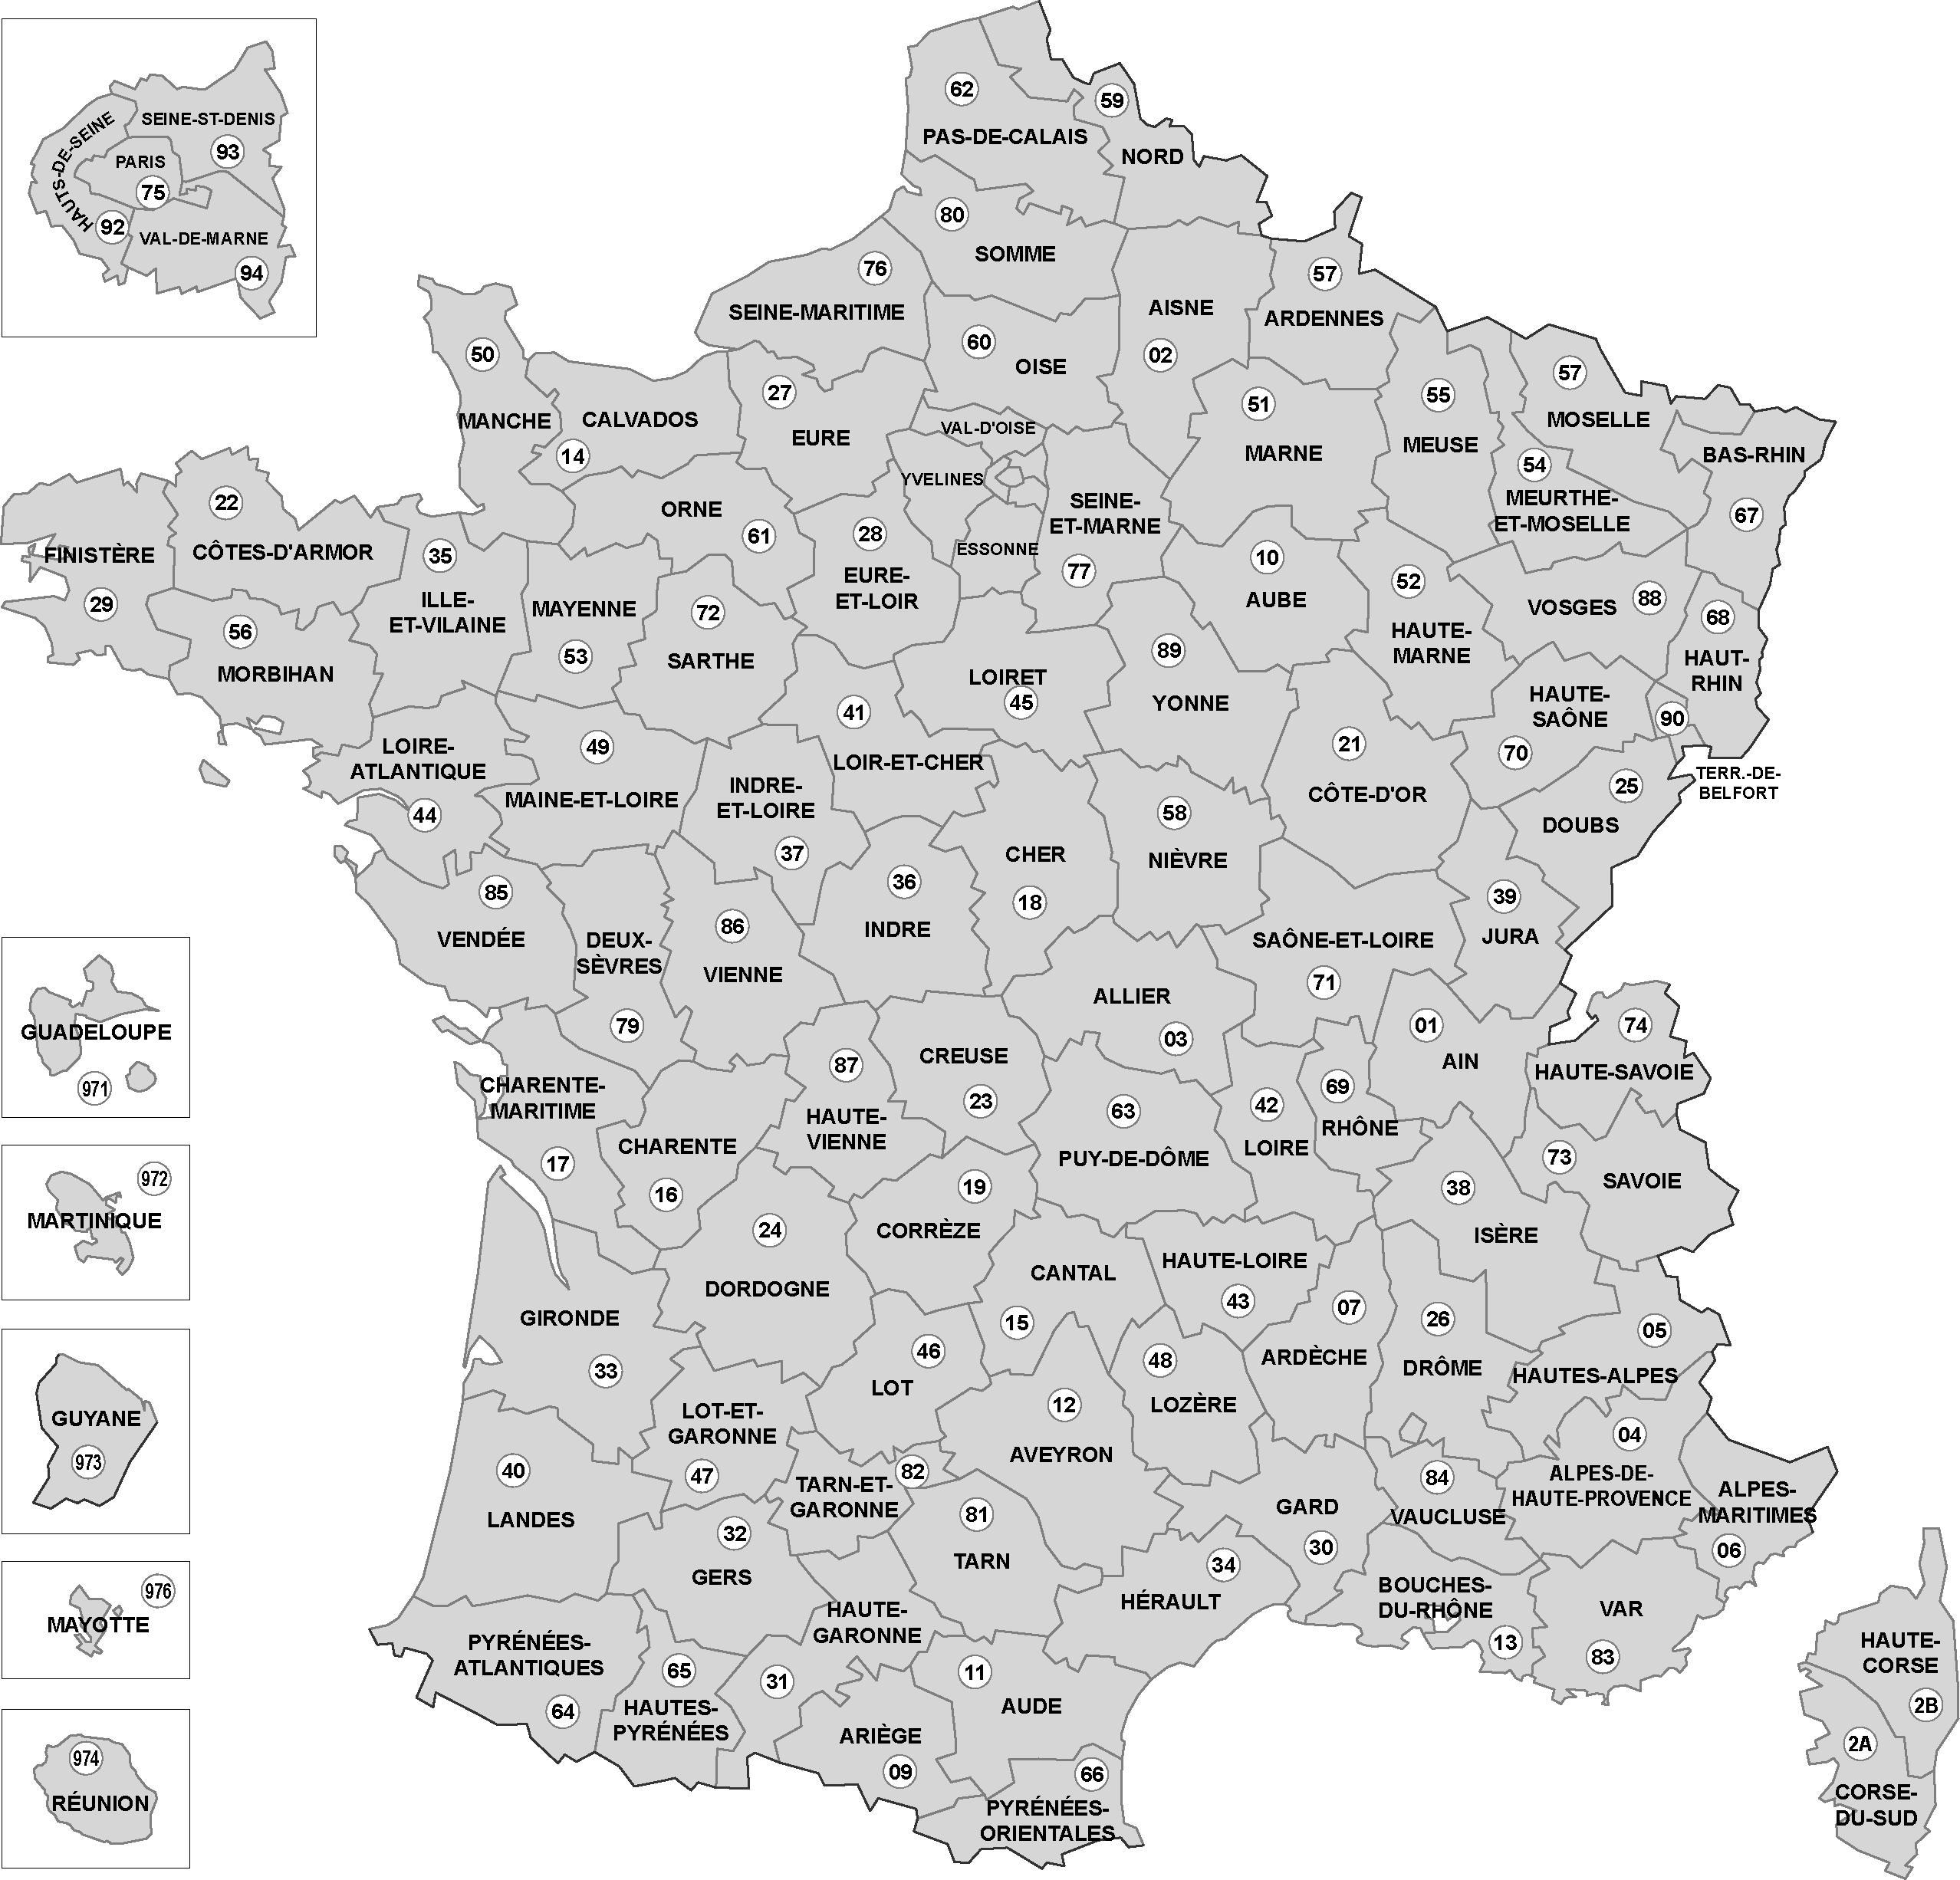 Cartes De France, Cartes Et Rmations Des Régions pour Carte Departement Numero